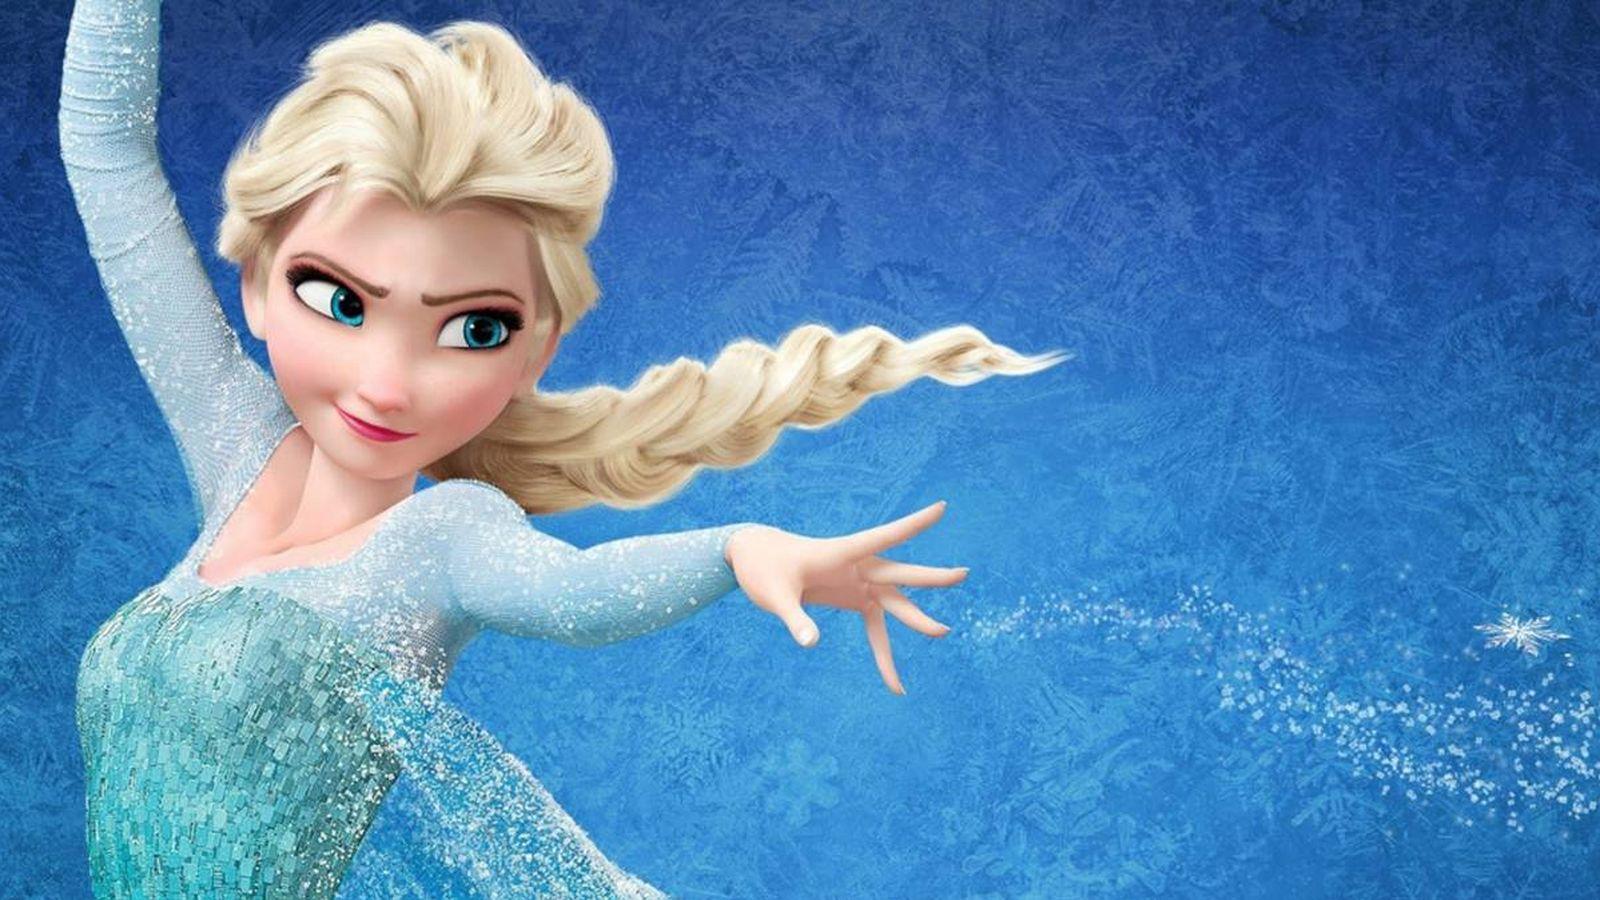 Foto: 'Frozen' una historia que llega al corazón de pequeños y grandes. (Disney)